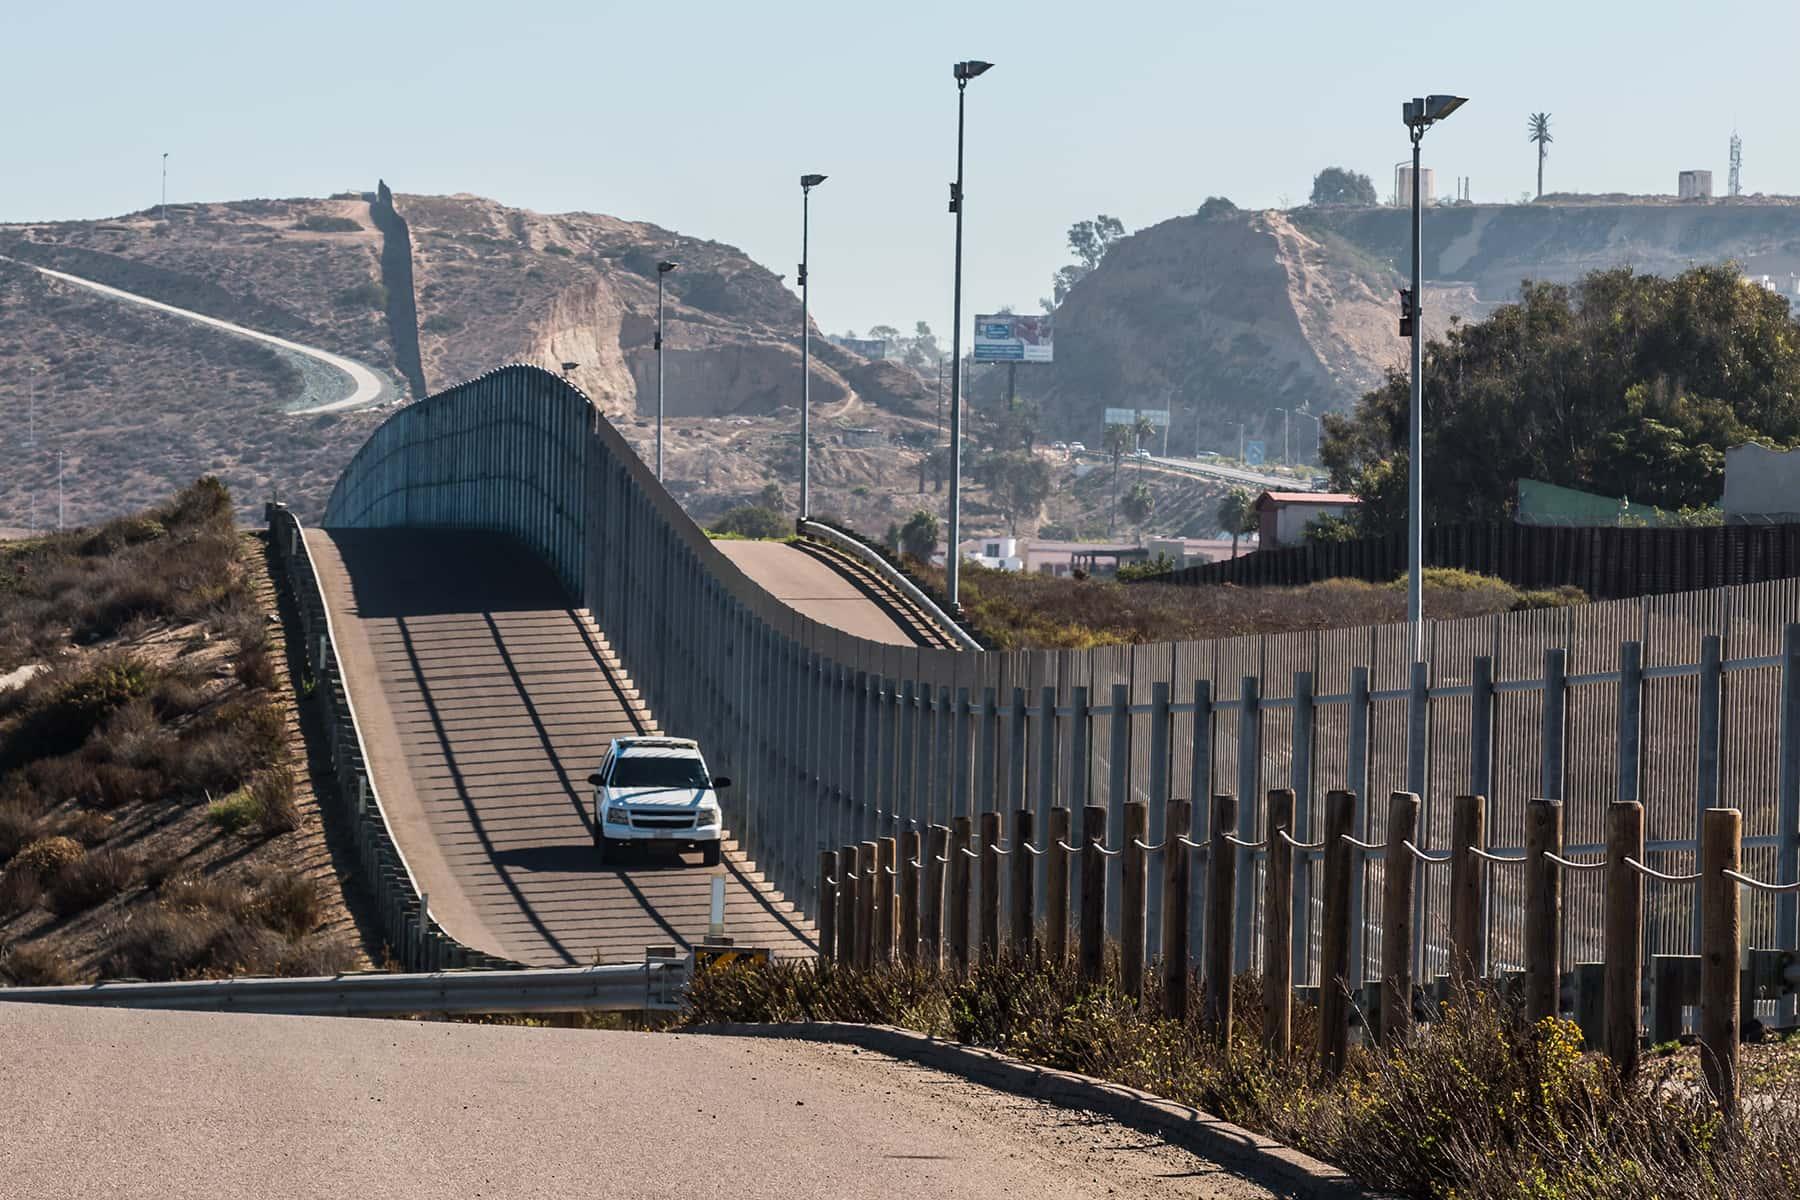 090619_borderwallbudgetwi_02